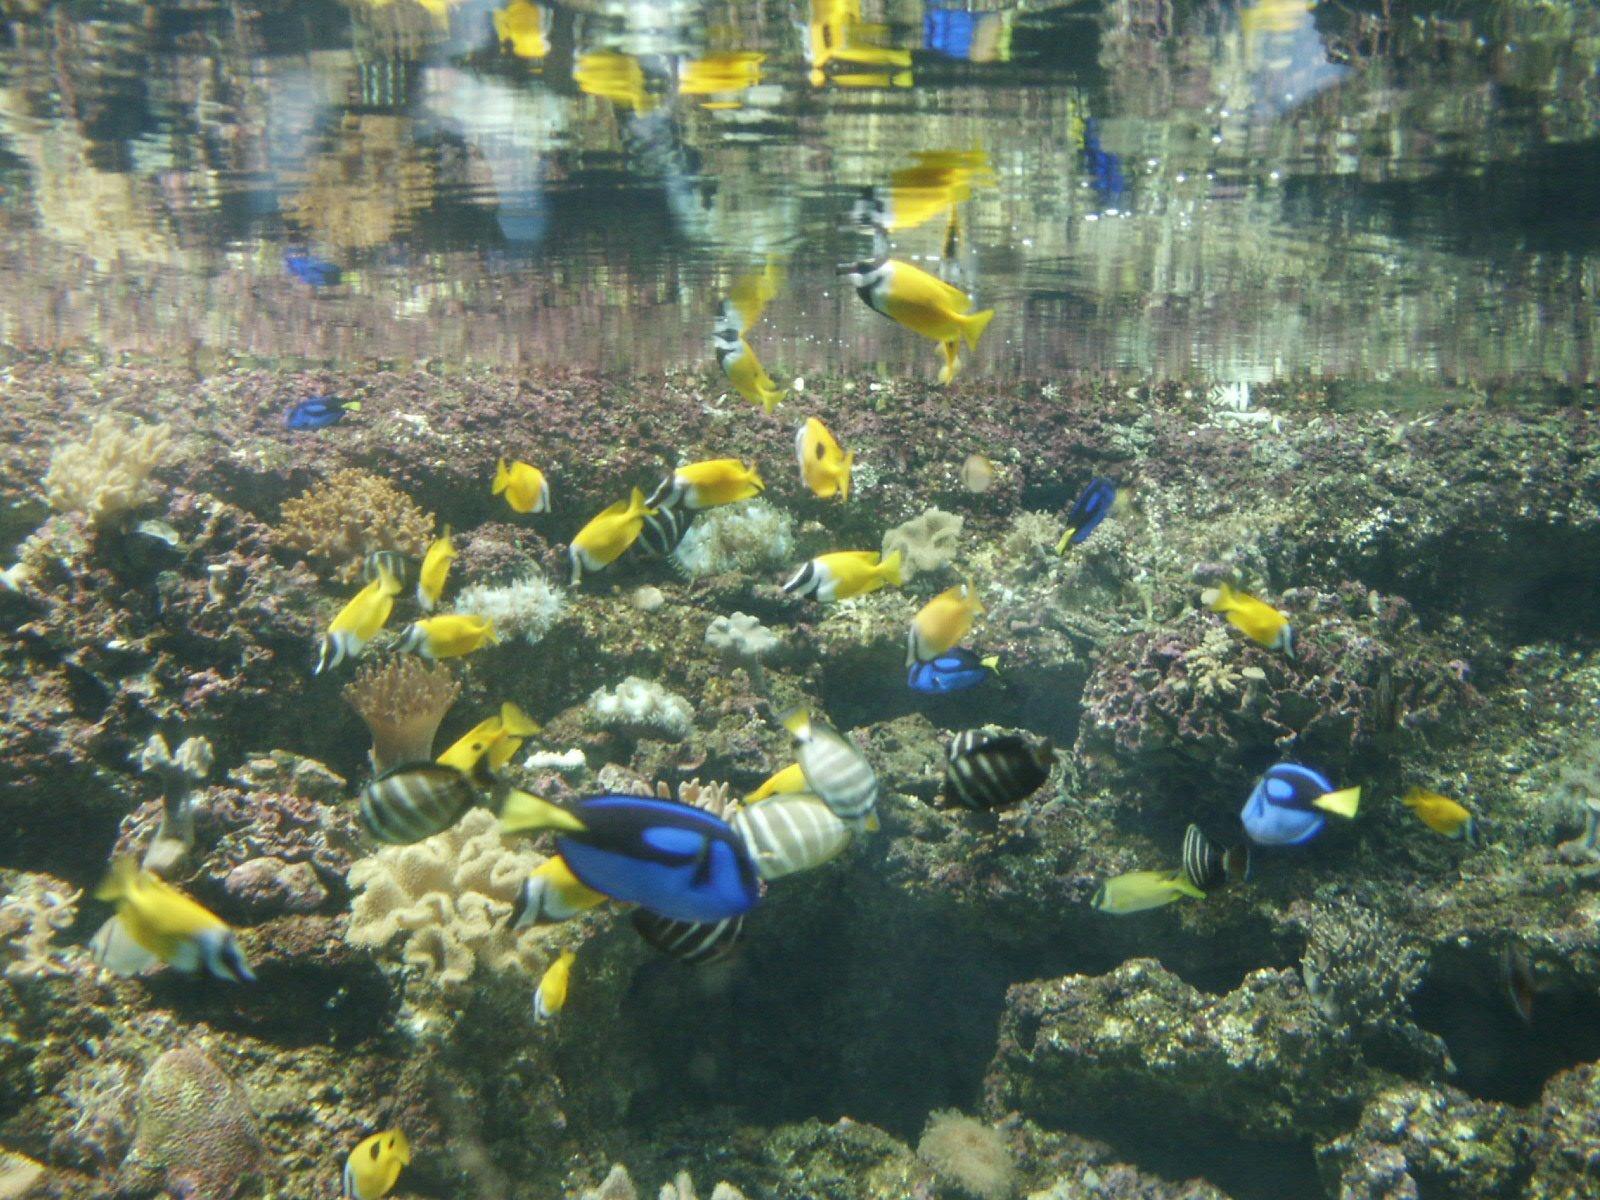 poissons en aquarium photos 1484155 freeimages